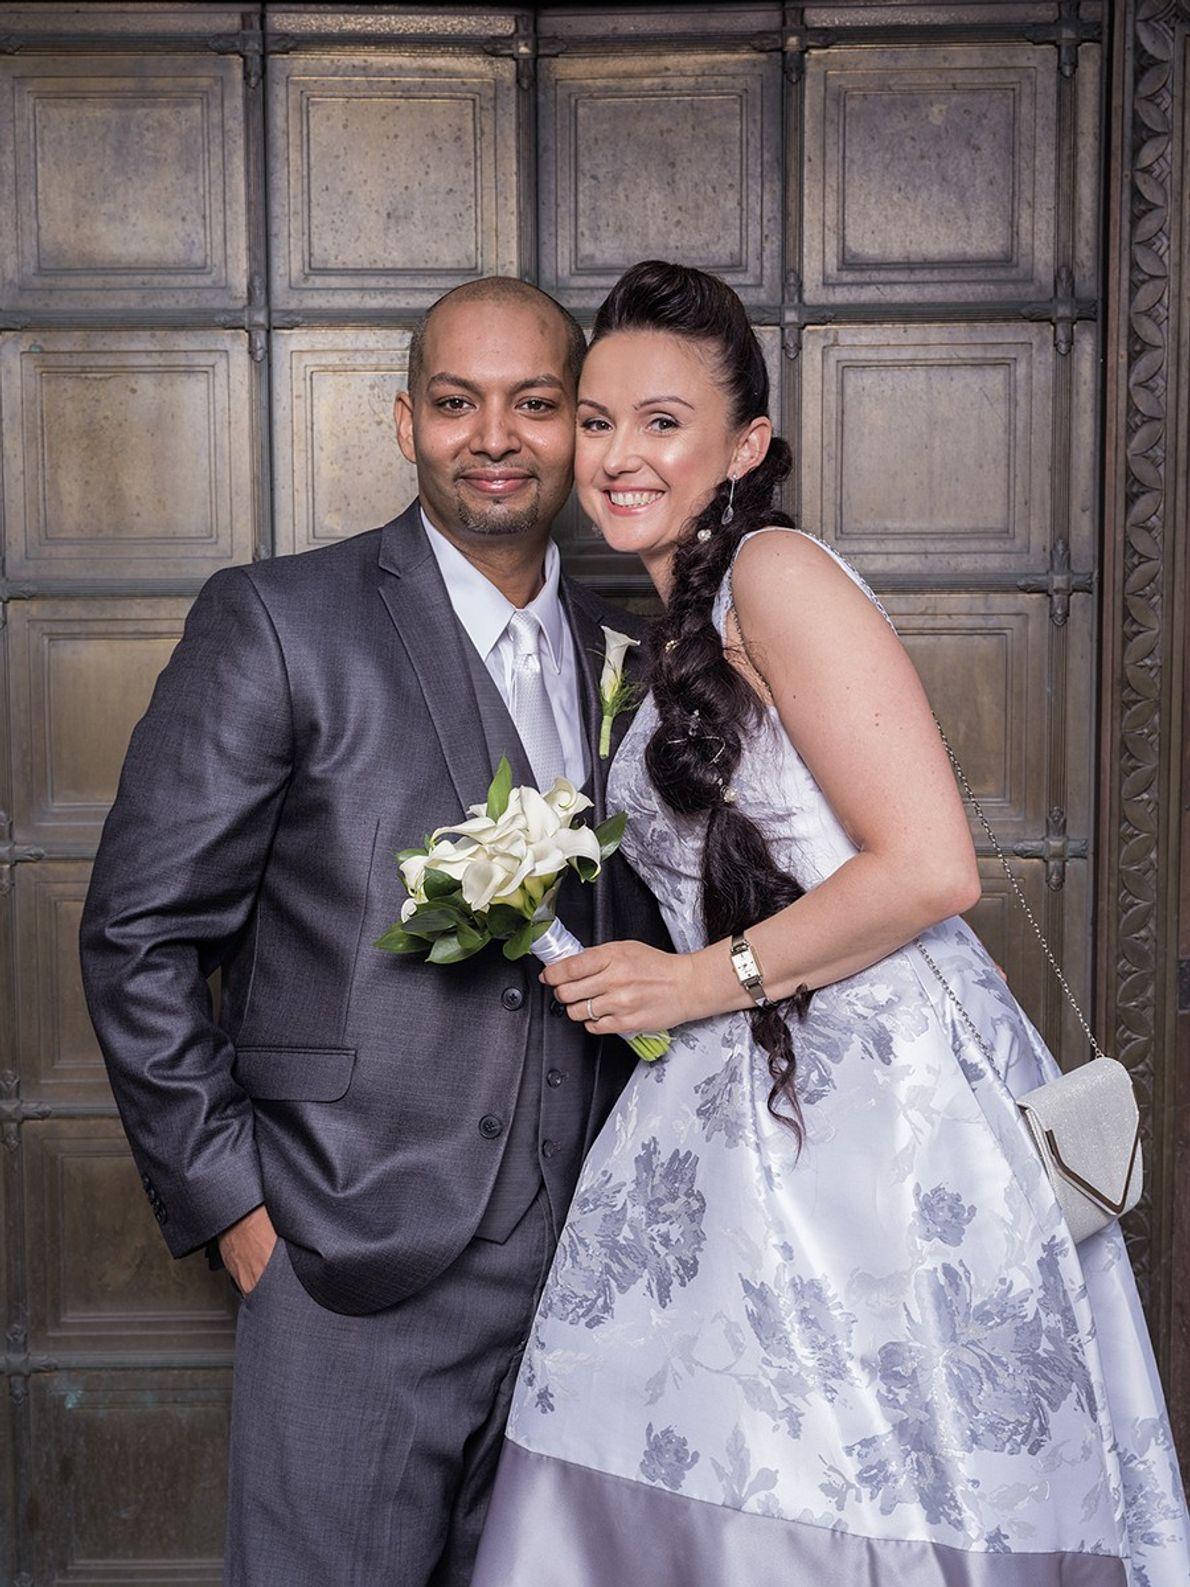 """Robert y Marta Muniz han sido """"inseparables"""" desde 2010, dicen. Las raíces familiares de él están ..."""